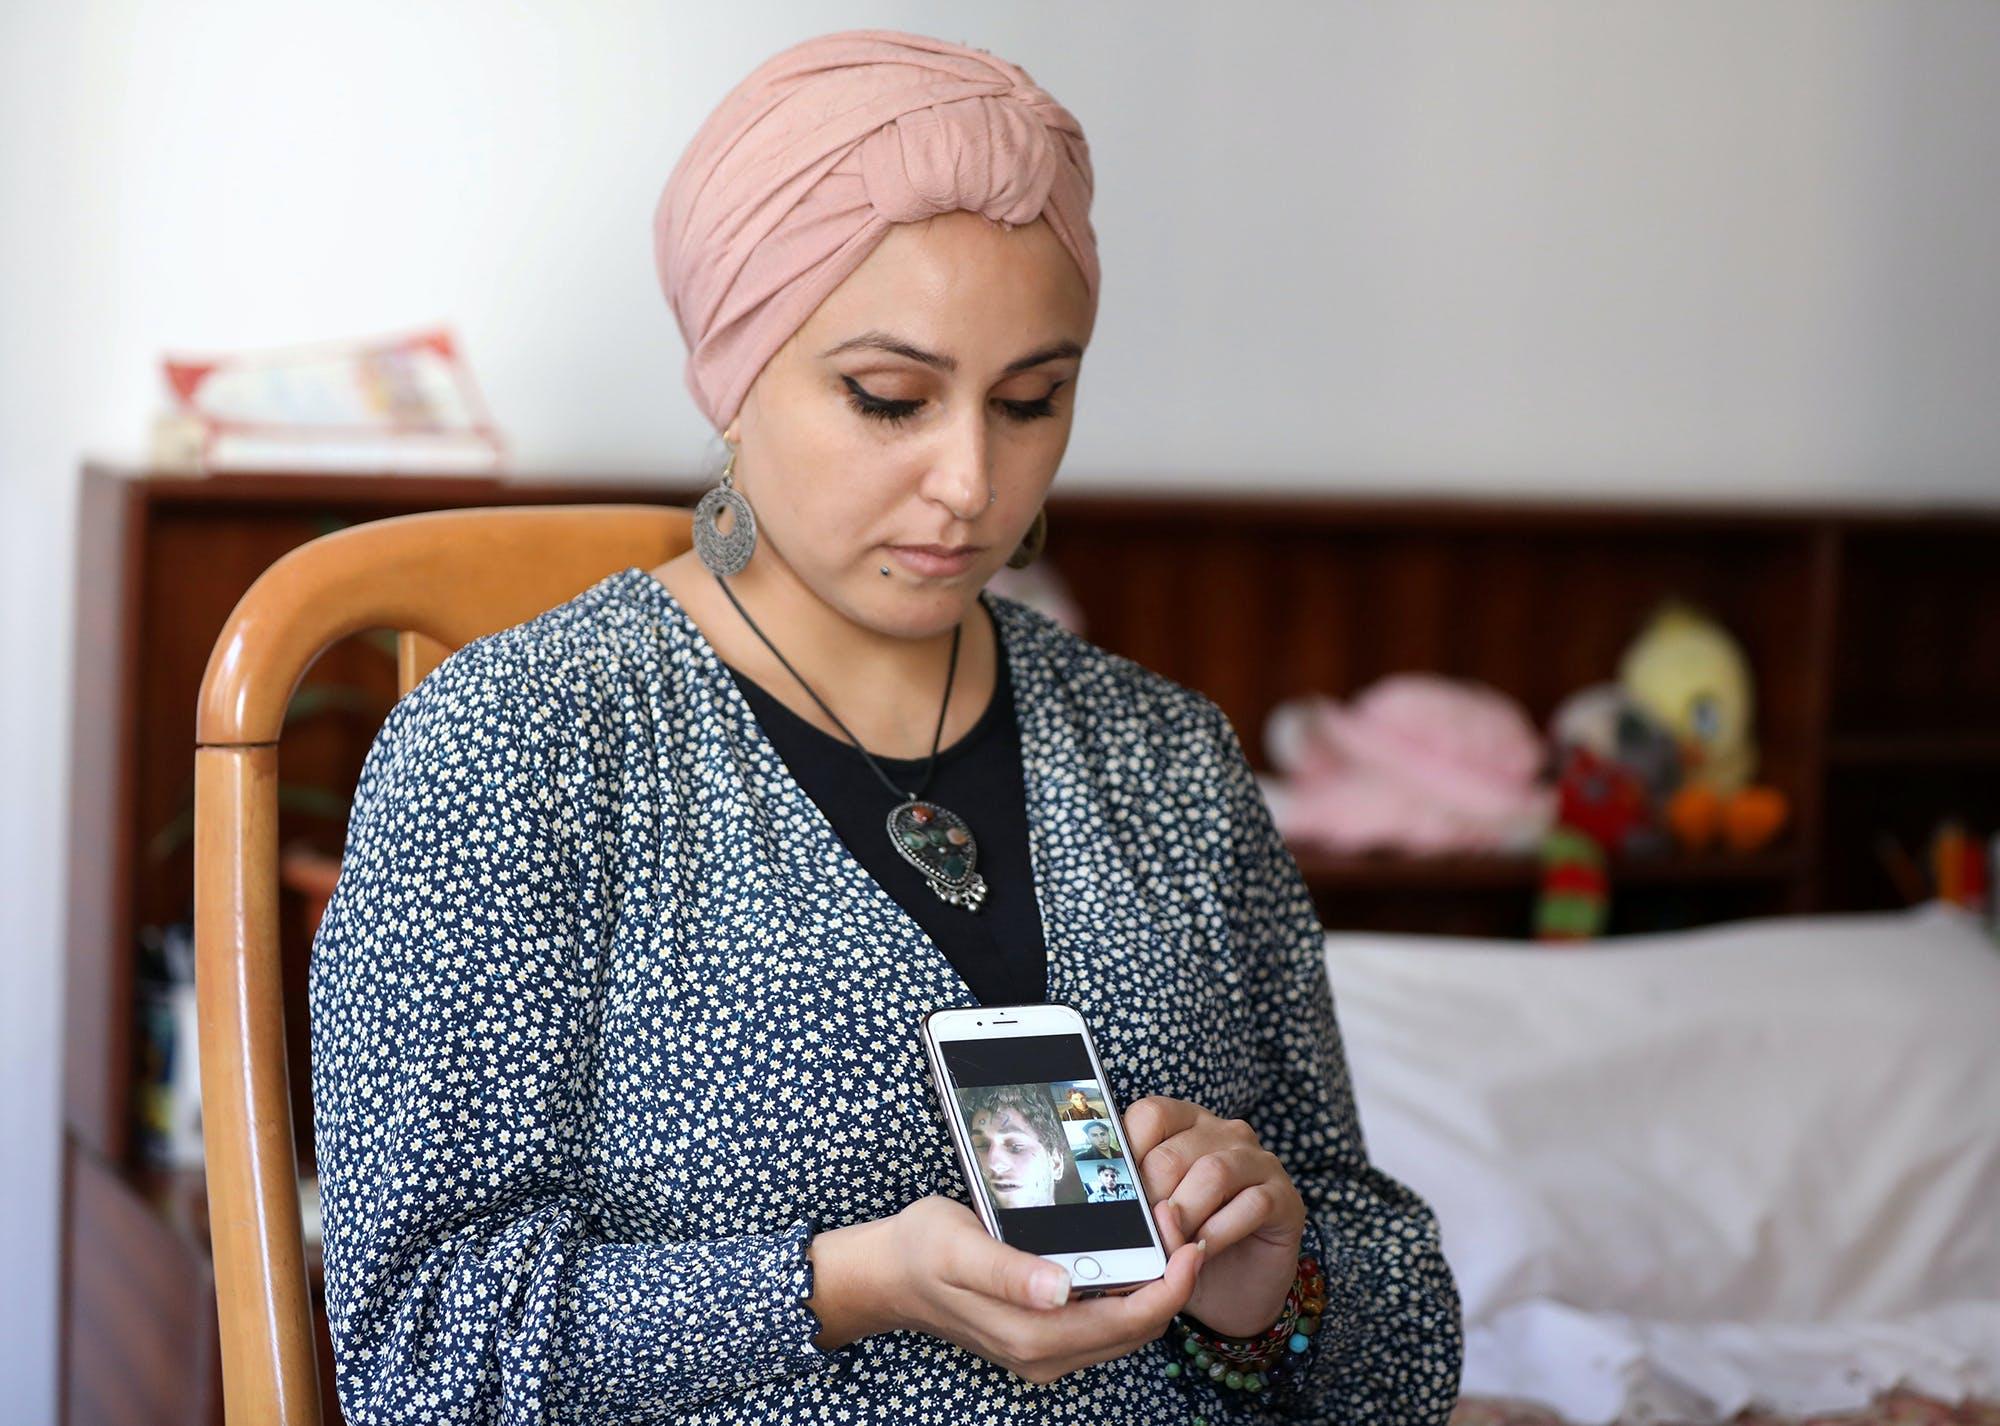 Fida Al Waer, une artiste et enseignante syrienne vivant à Beyrouth, pose en tenant un téléphone portable sur lequel s'affichent des photos de son frère qui, selon elle, a été identifié parmi des milliers d'images, sorties clandestinement de Syrie par un ancien photographe militaire syrien